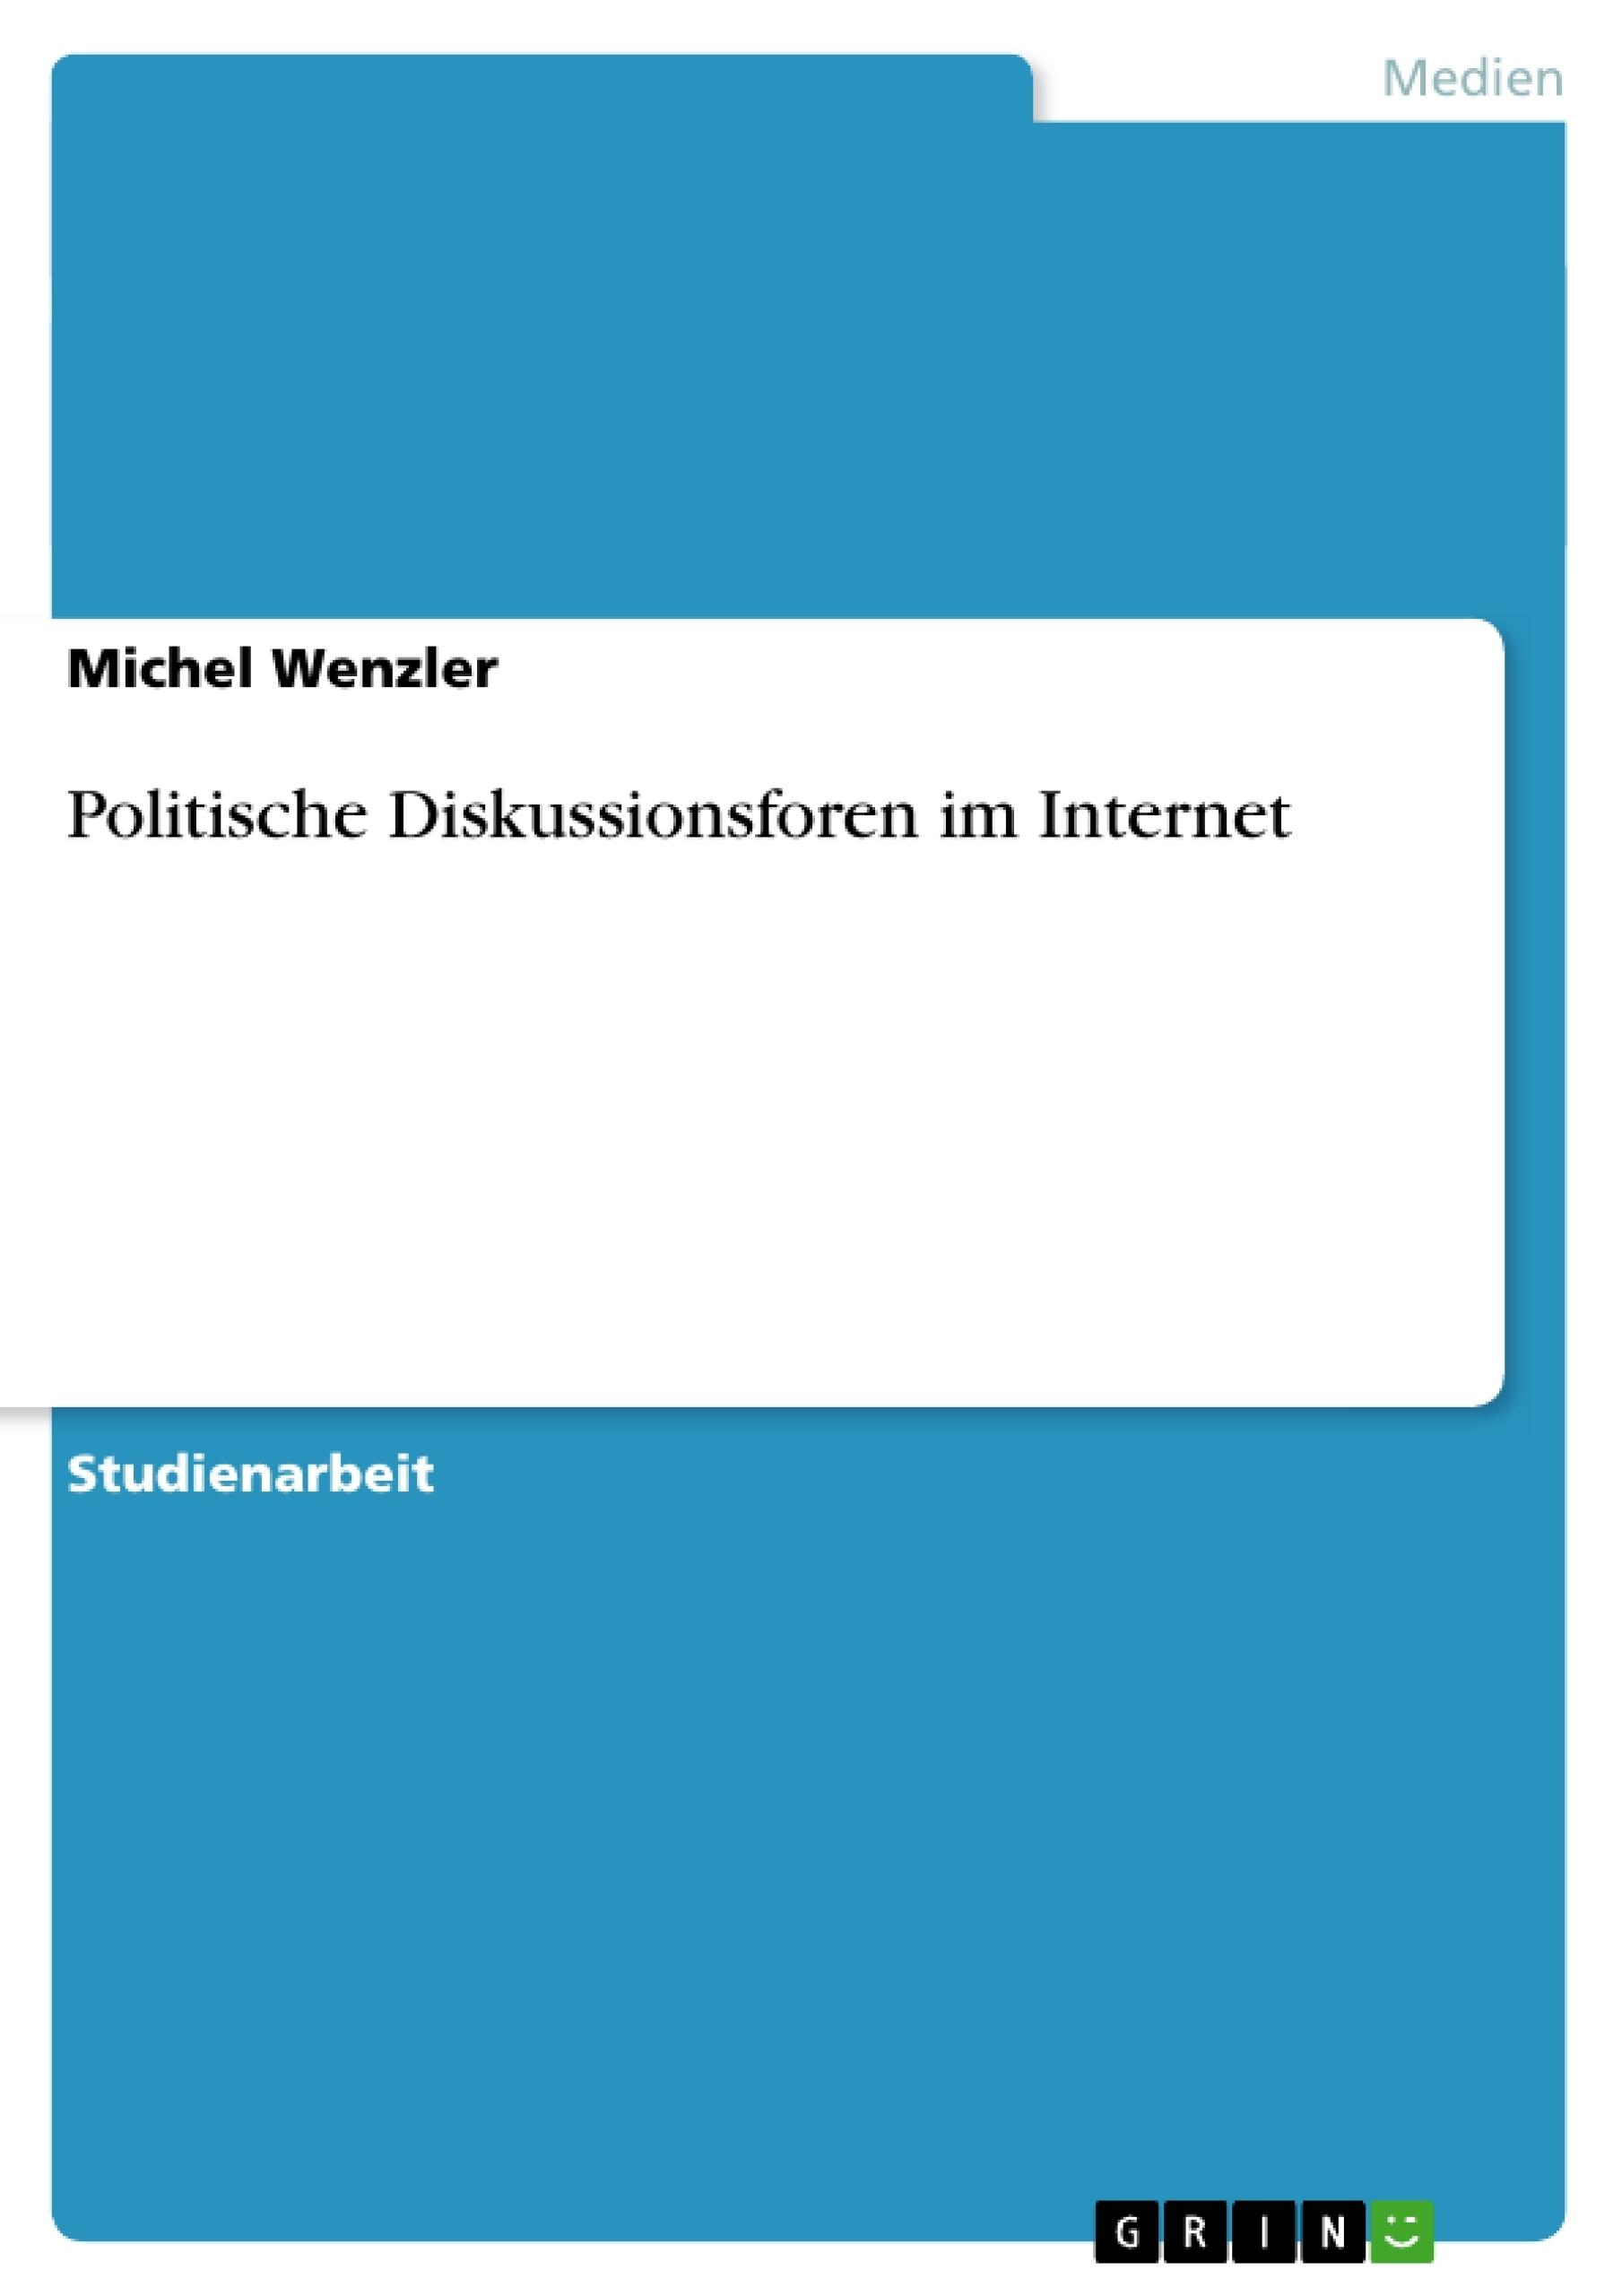 Titel: Politische Diskussionsforen im Internet